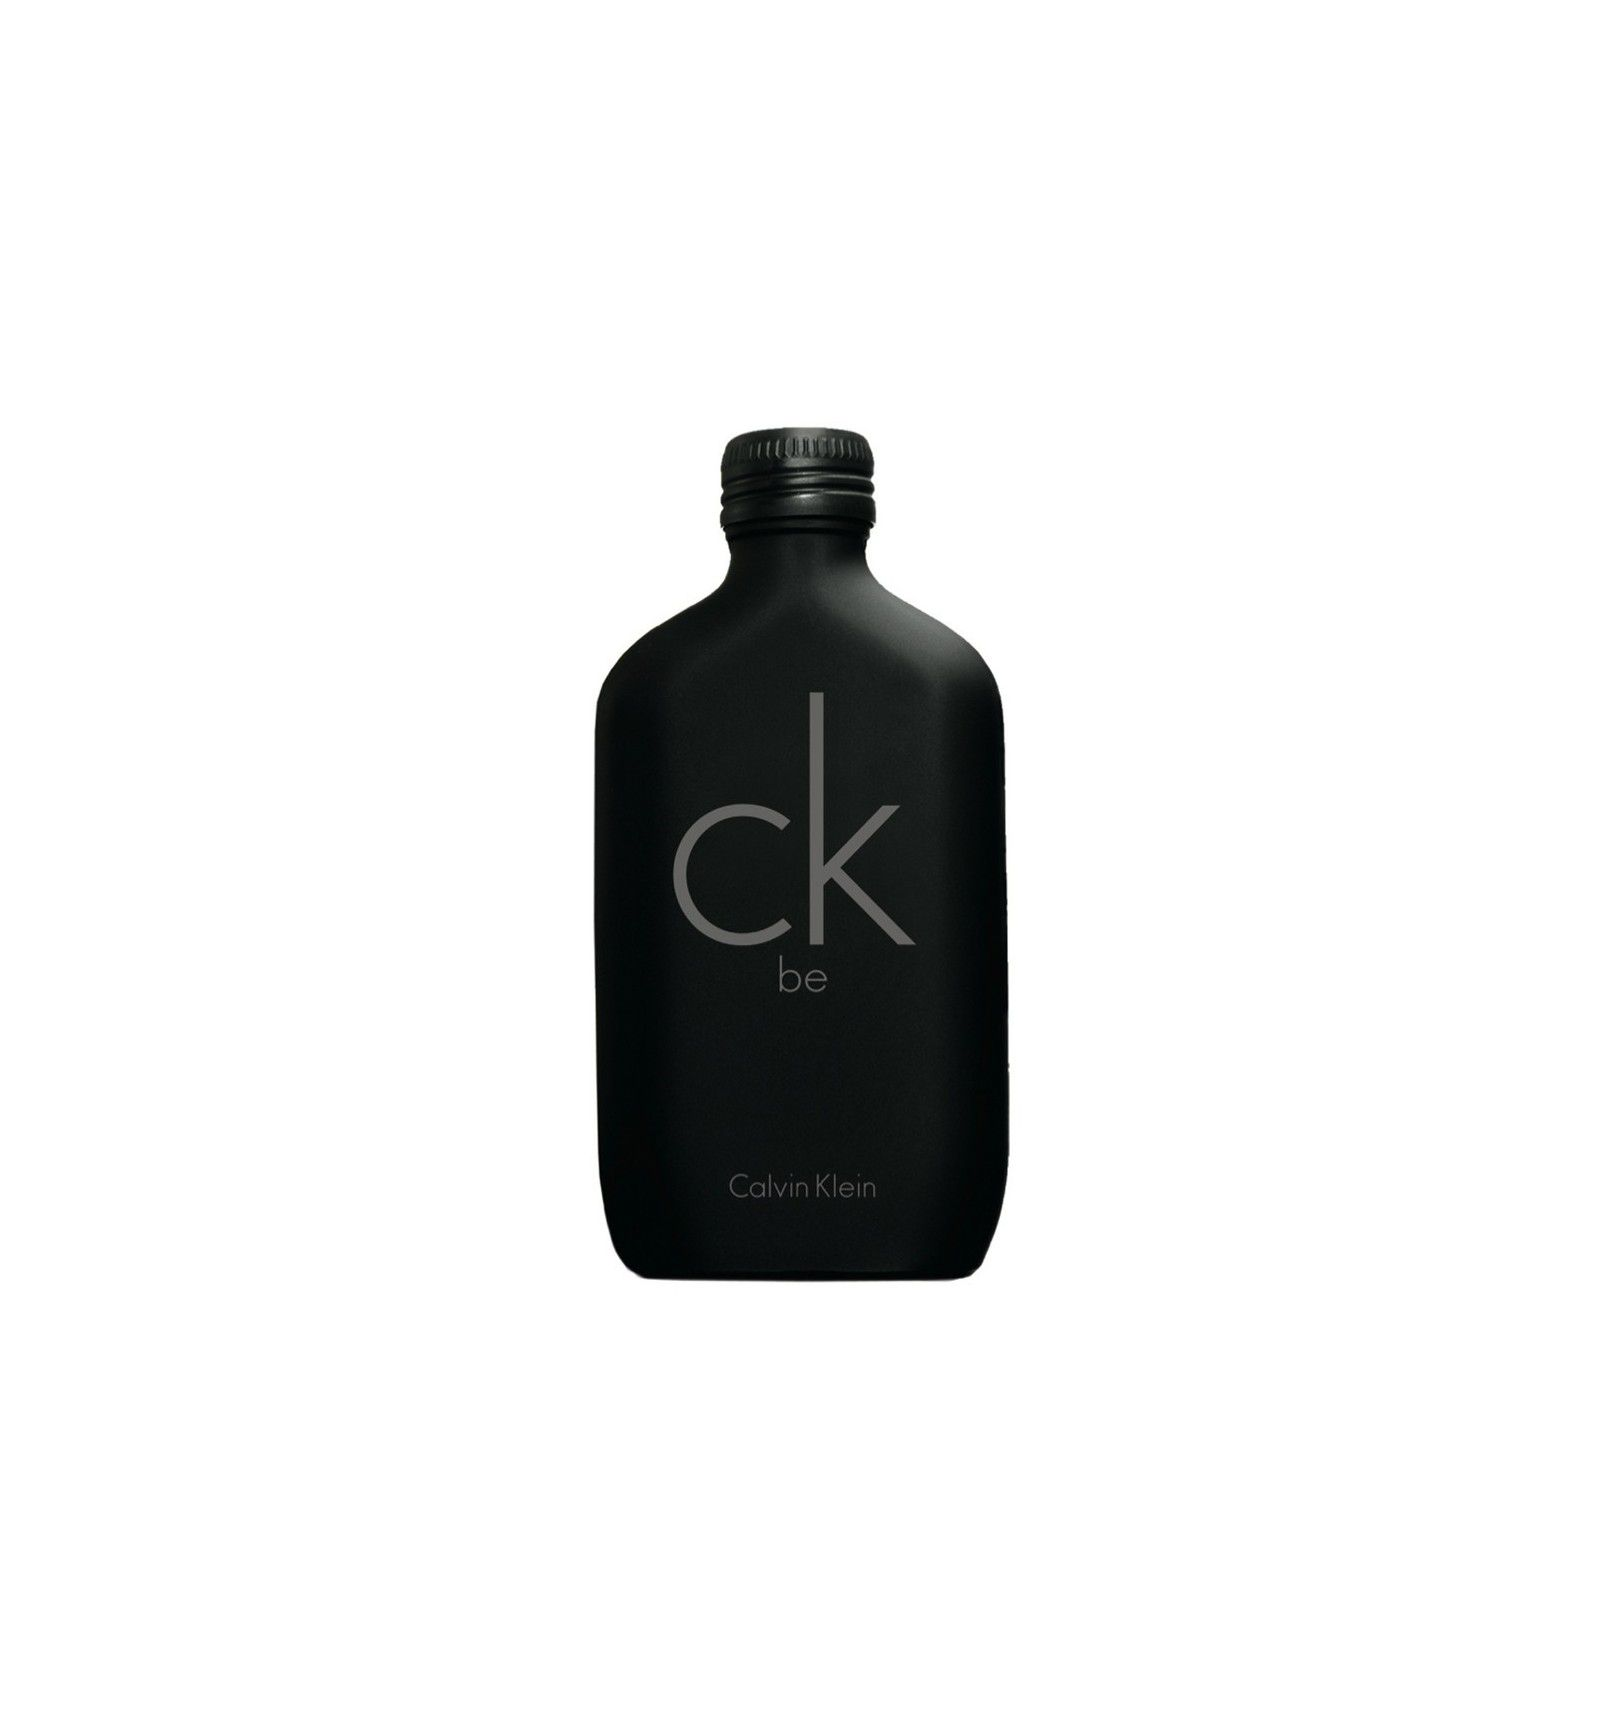 CK Be Calvin Klein - Perfume Eau de Toilette Unissex 100ml